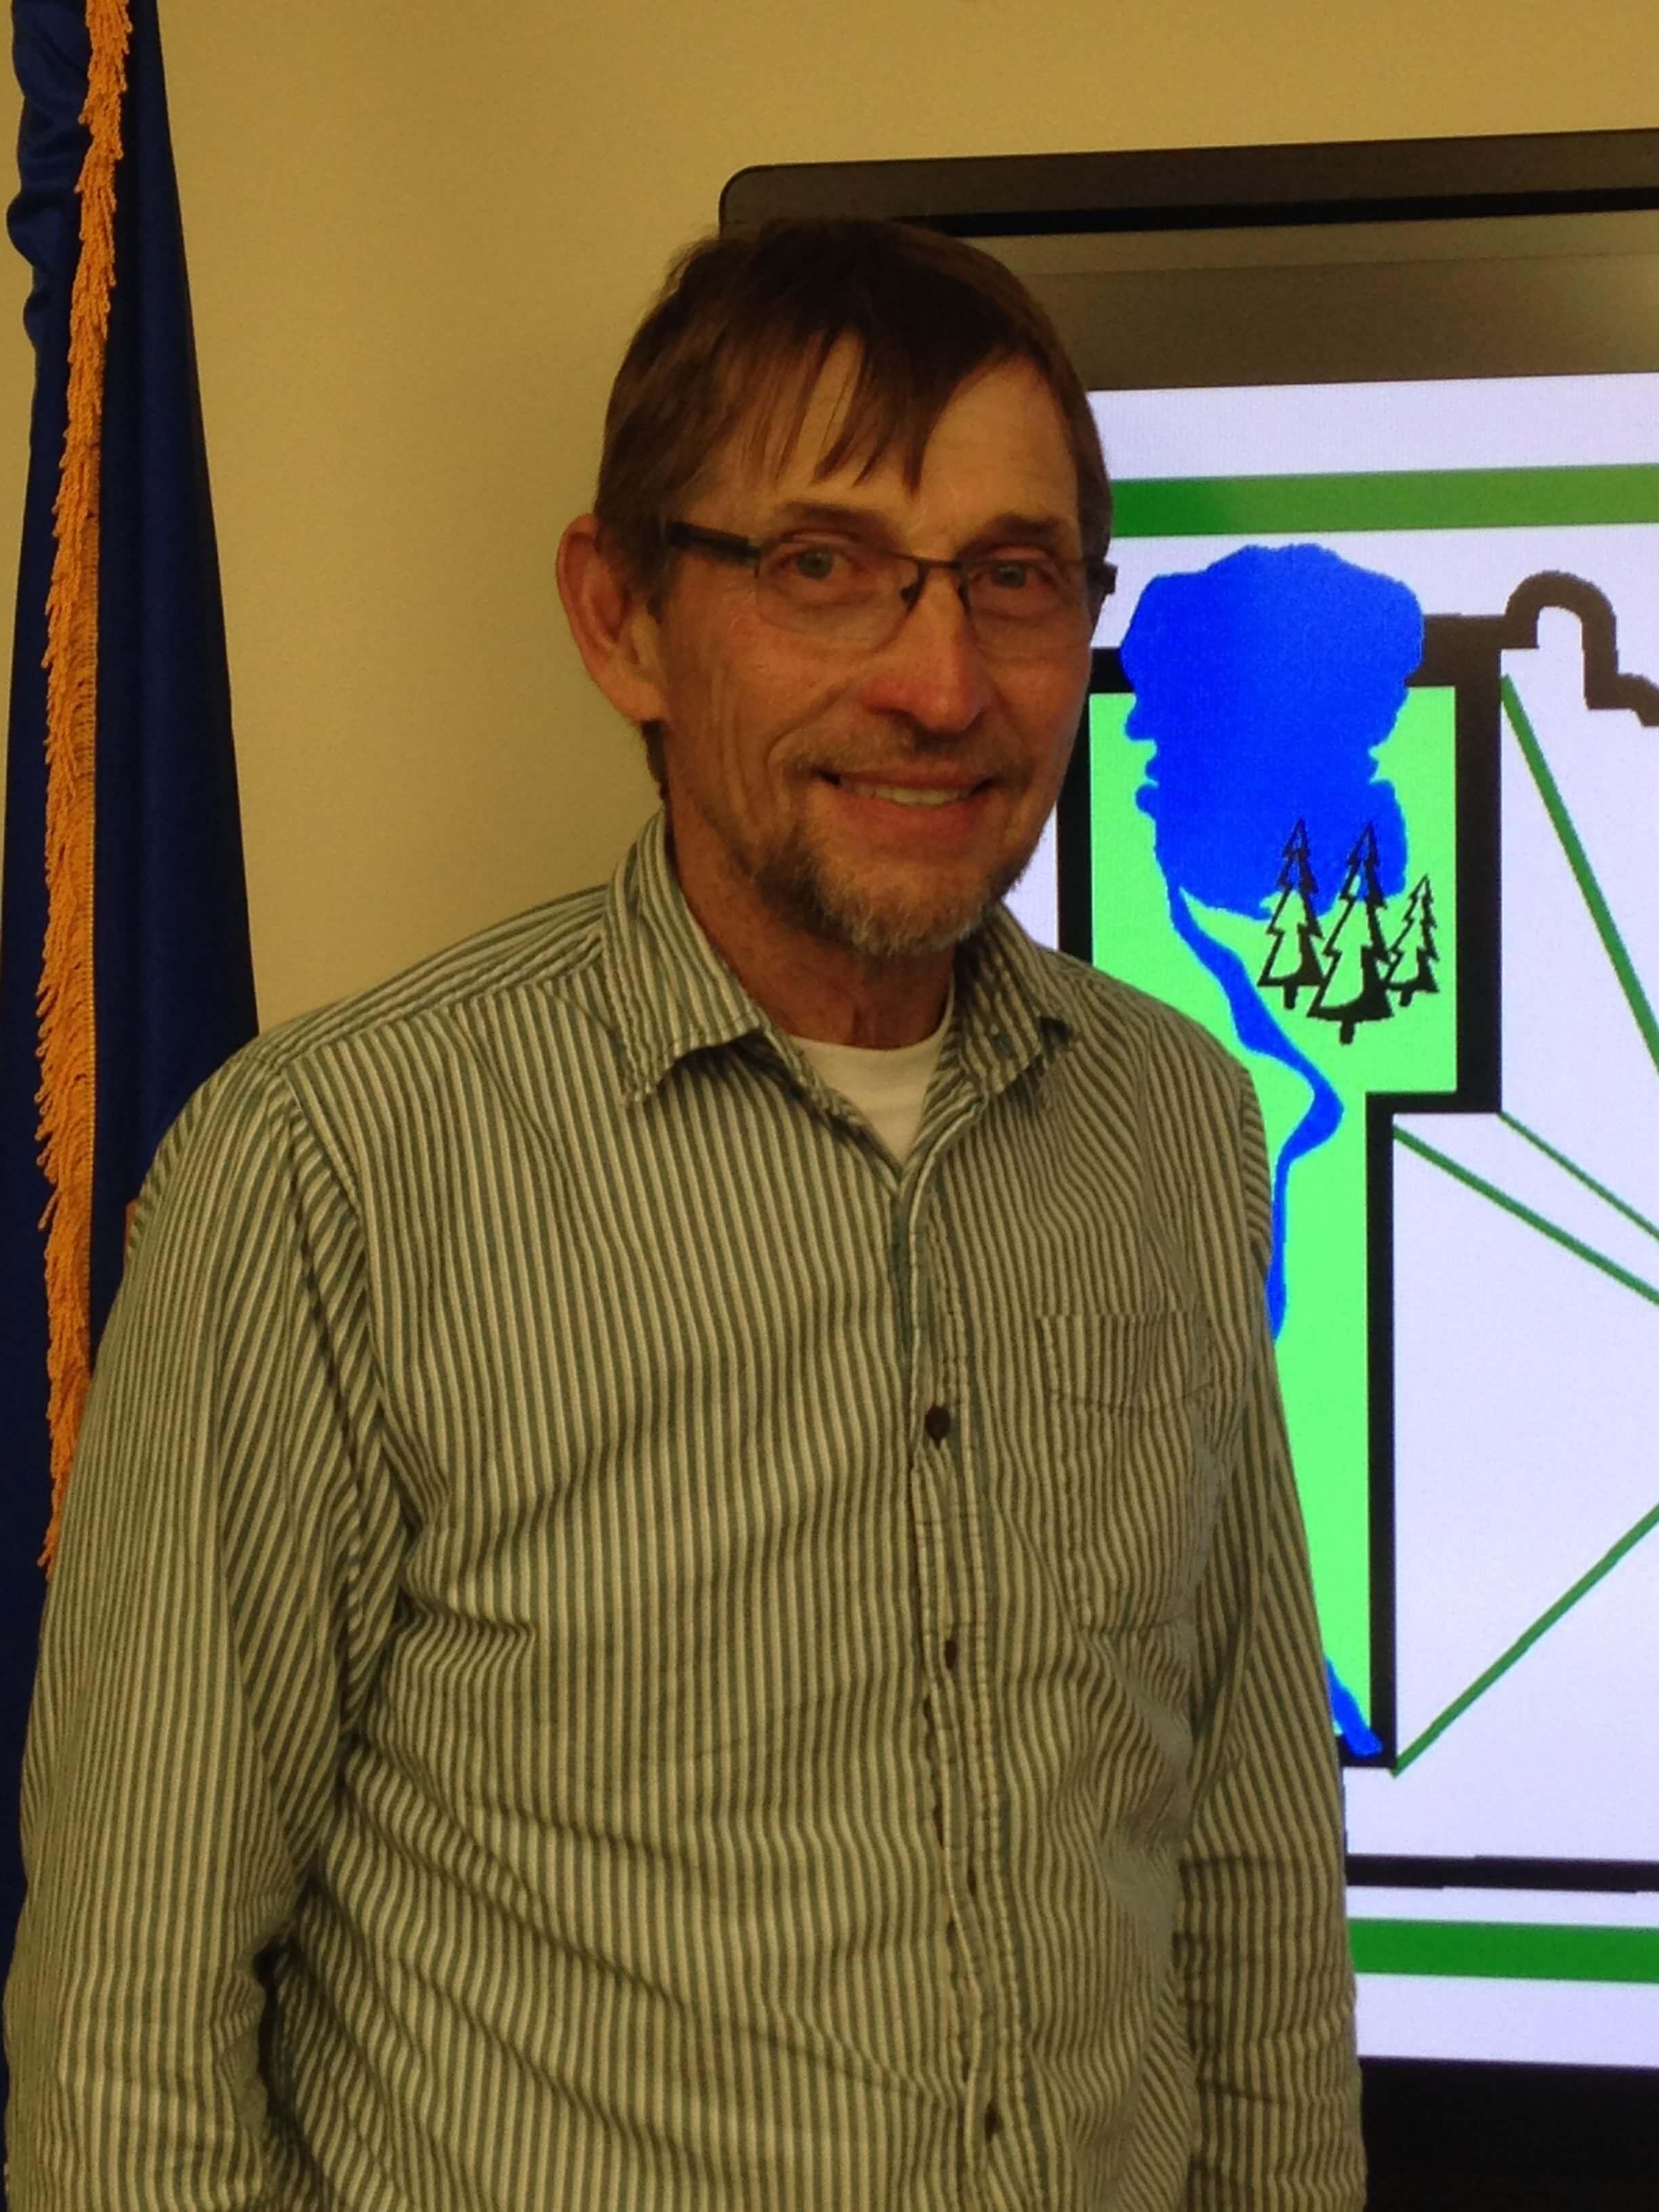 Kurt Beckstrom